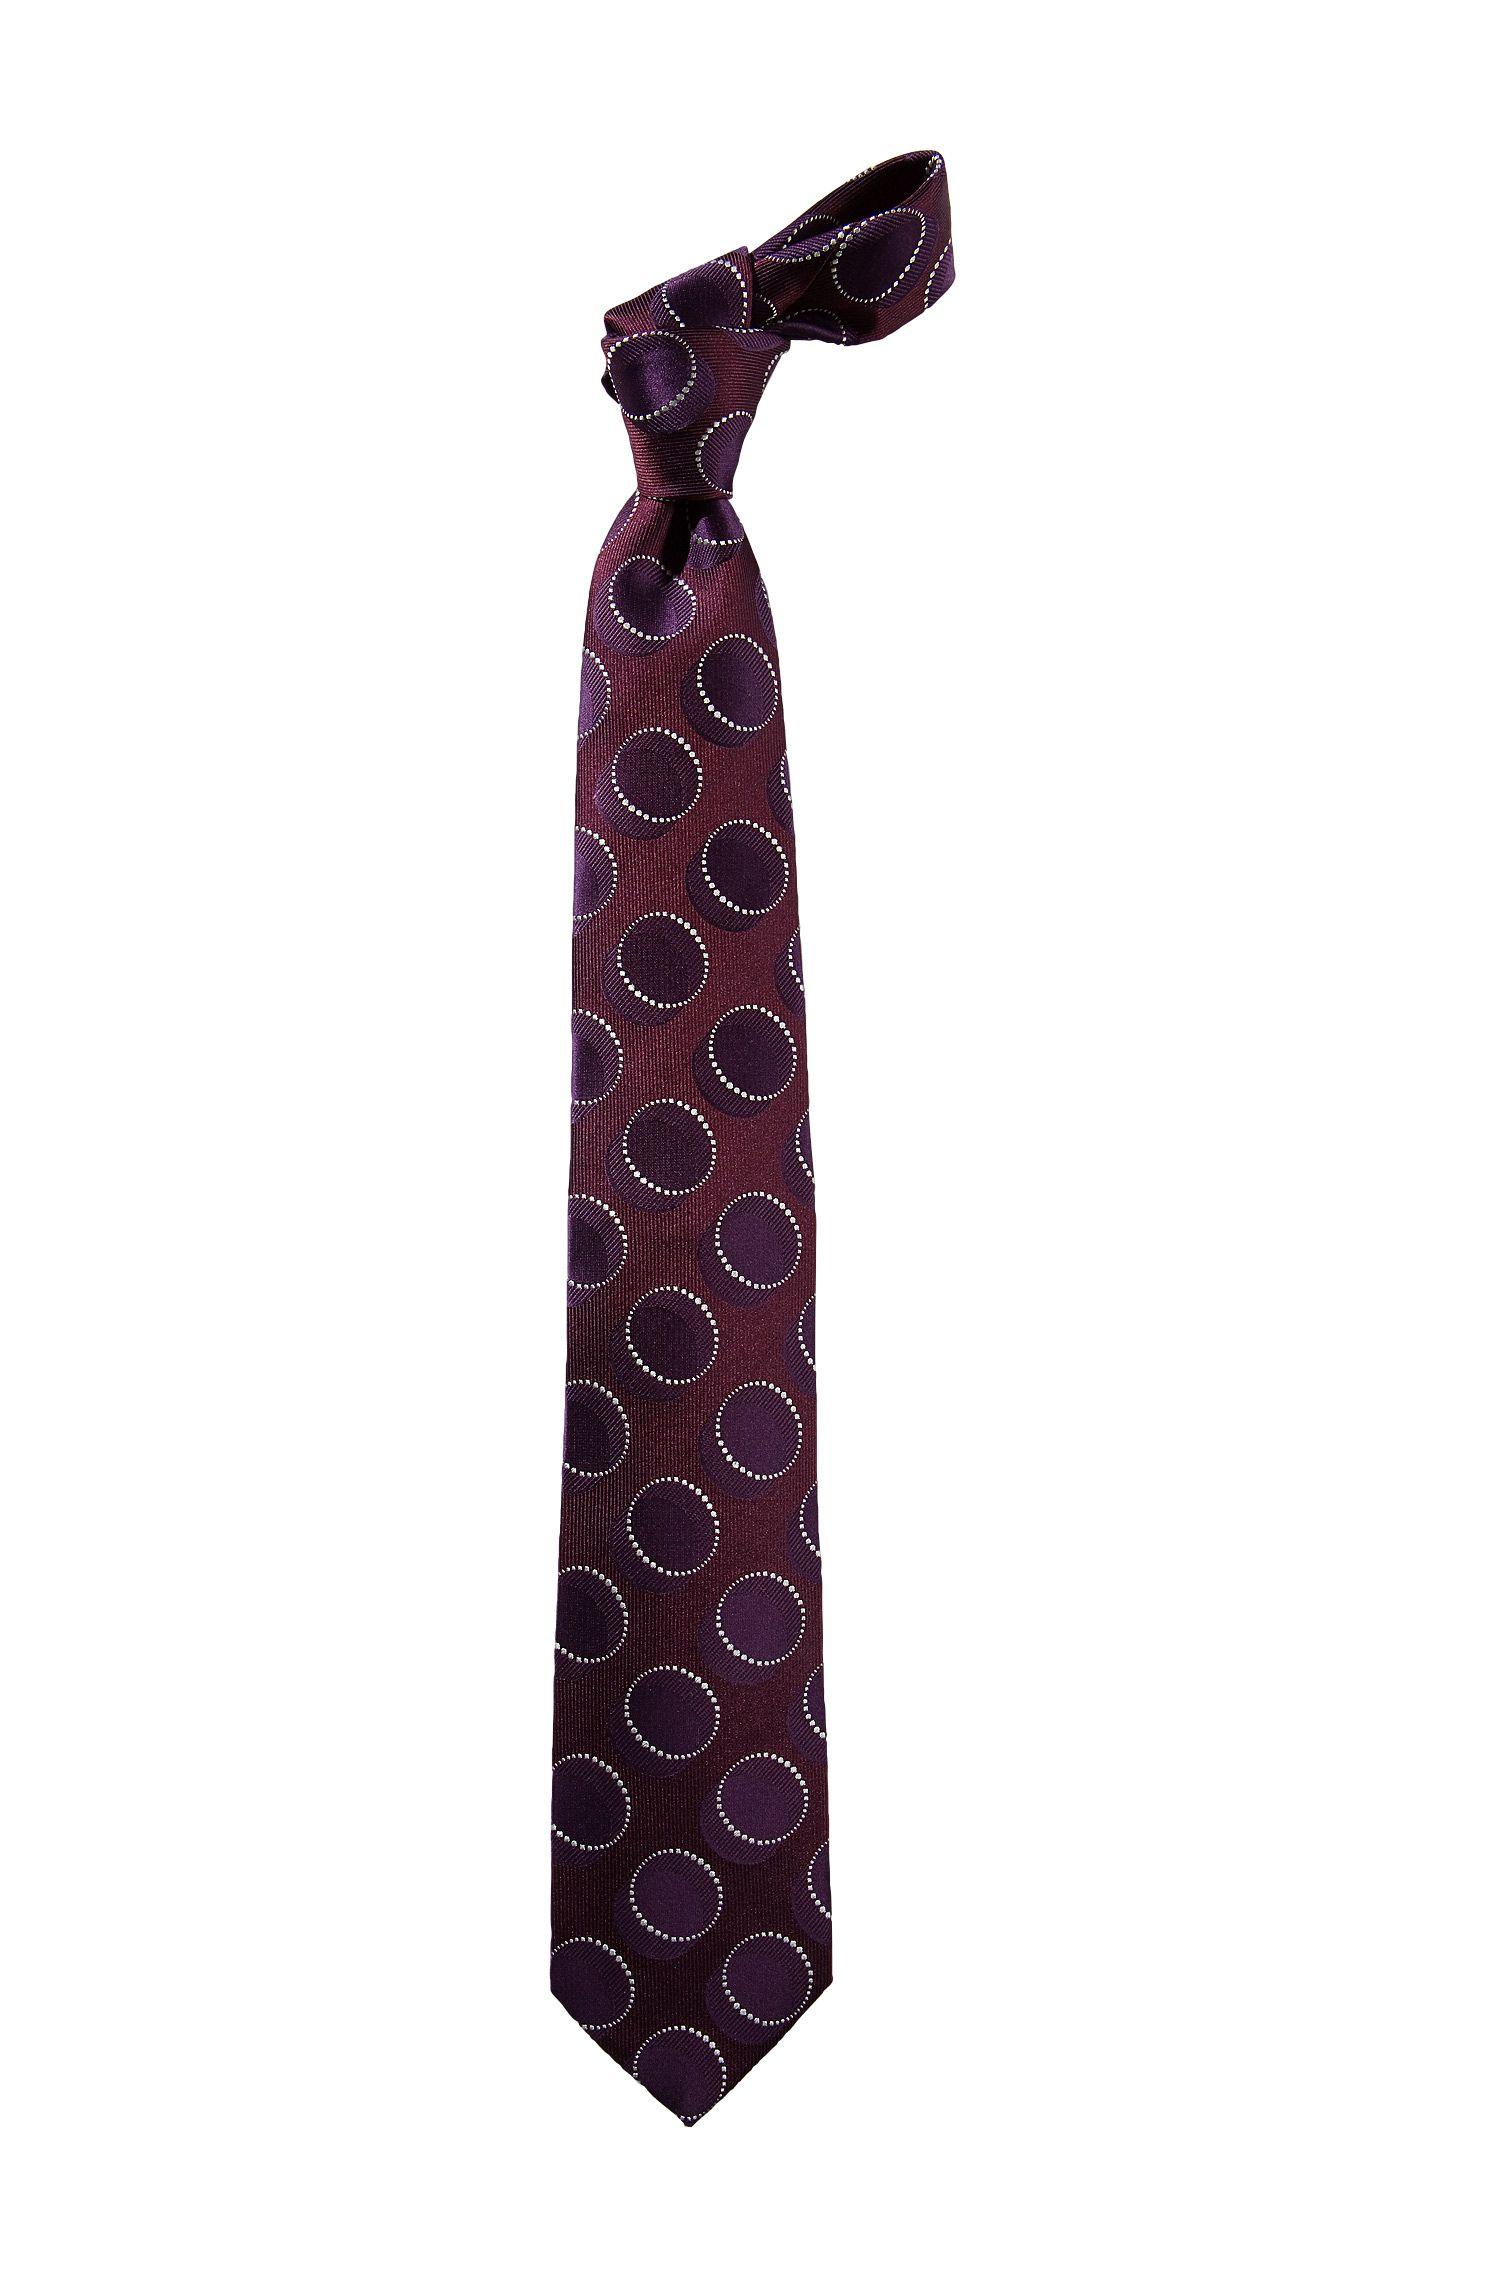 Cravate à motif rétro, Tie 7,5 cm